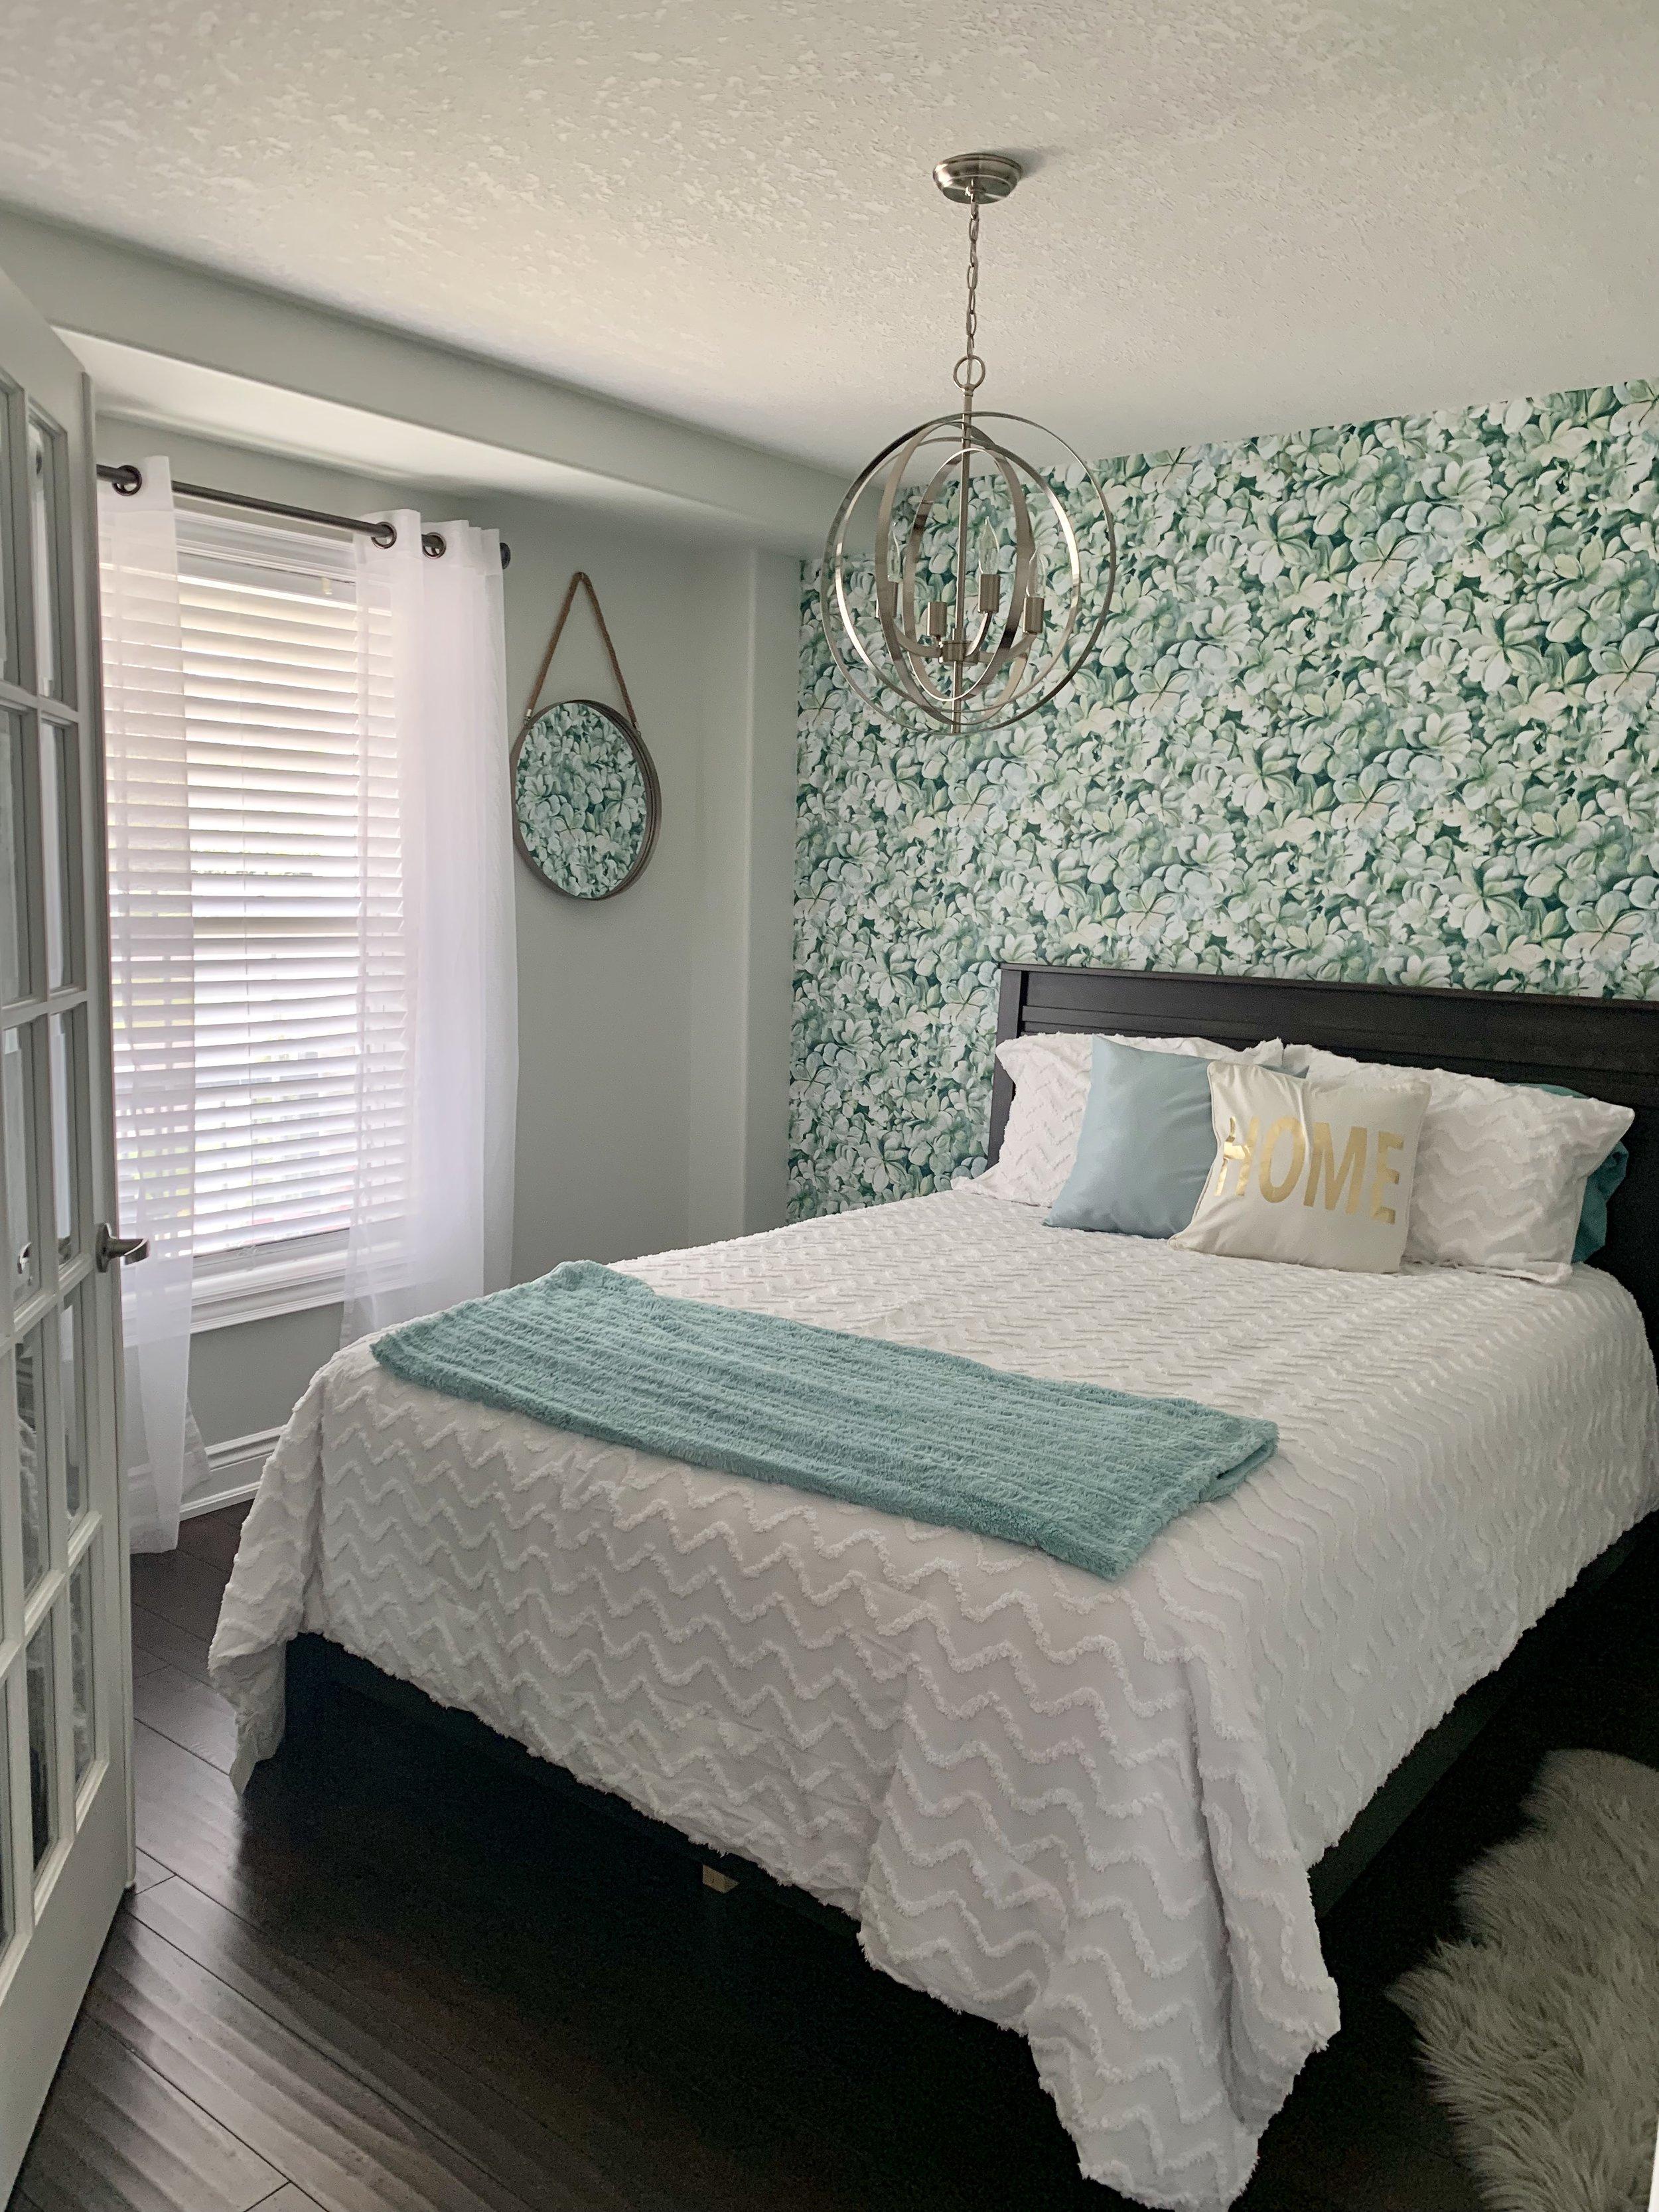 Hydrangea by RoomMates Decor